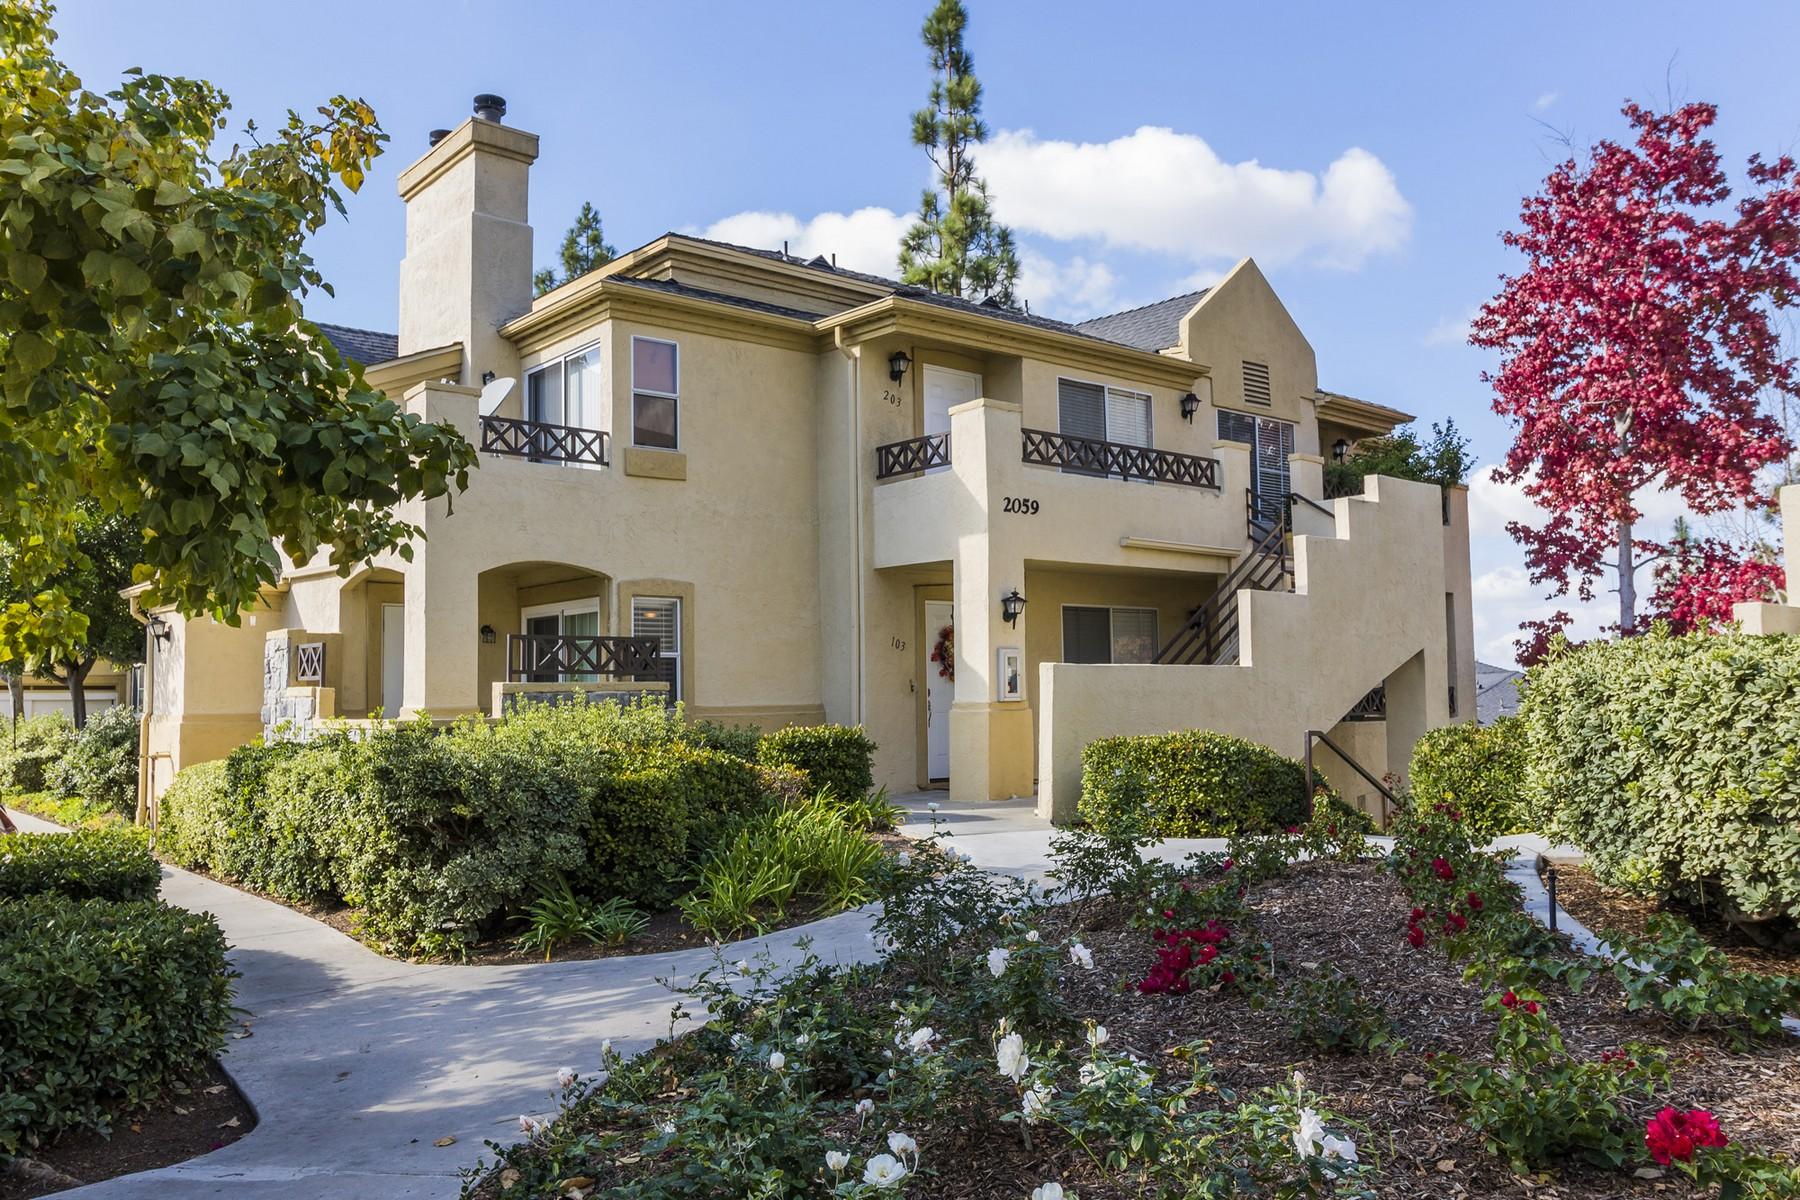 2059 Lakeridge Cir, Chula Vista, CA 91913